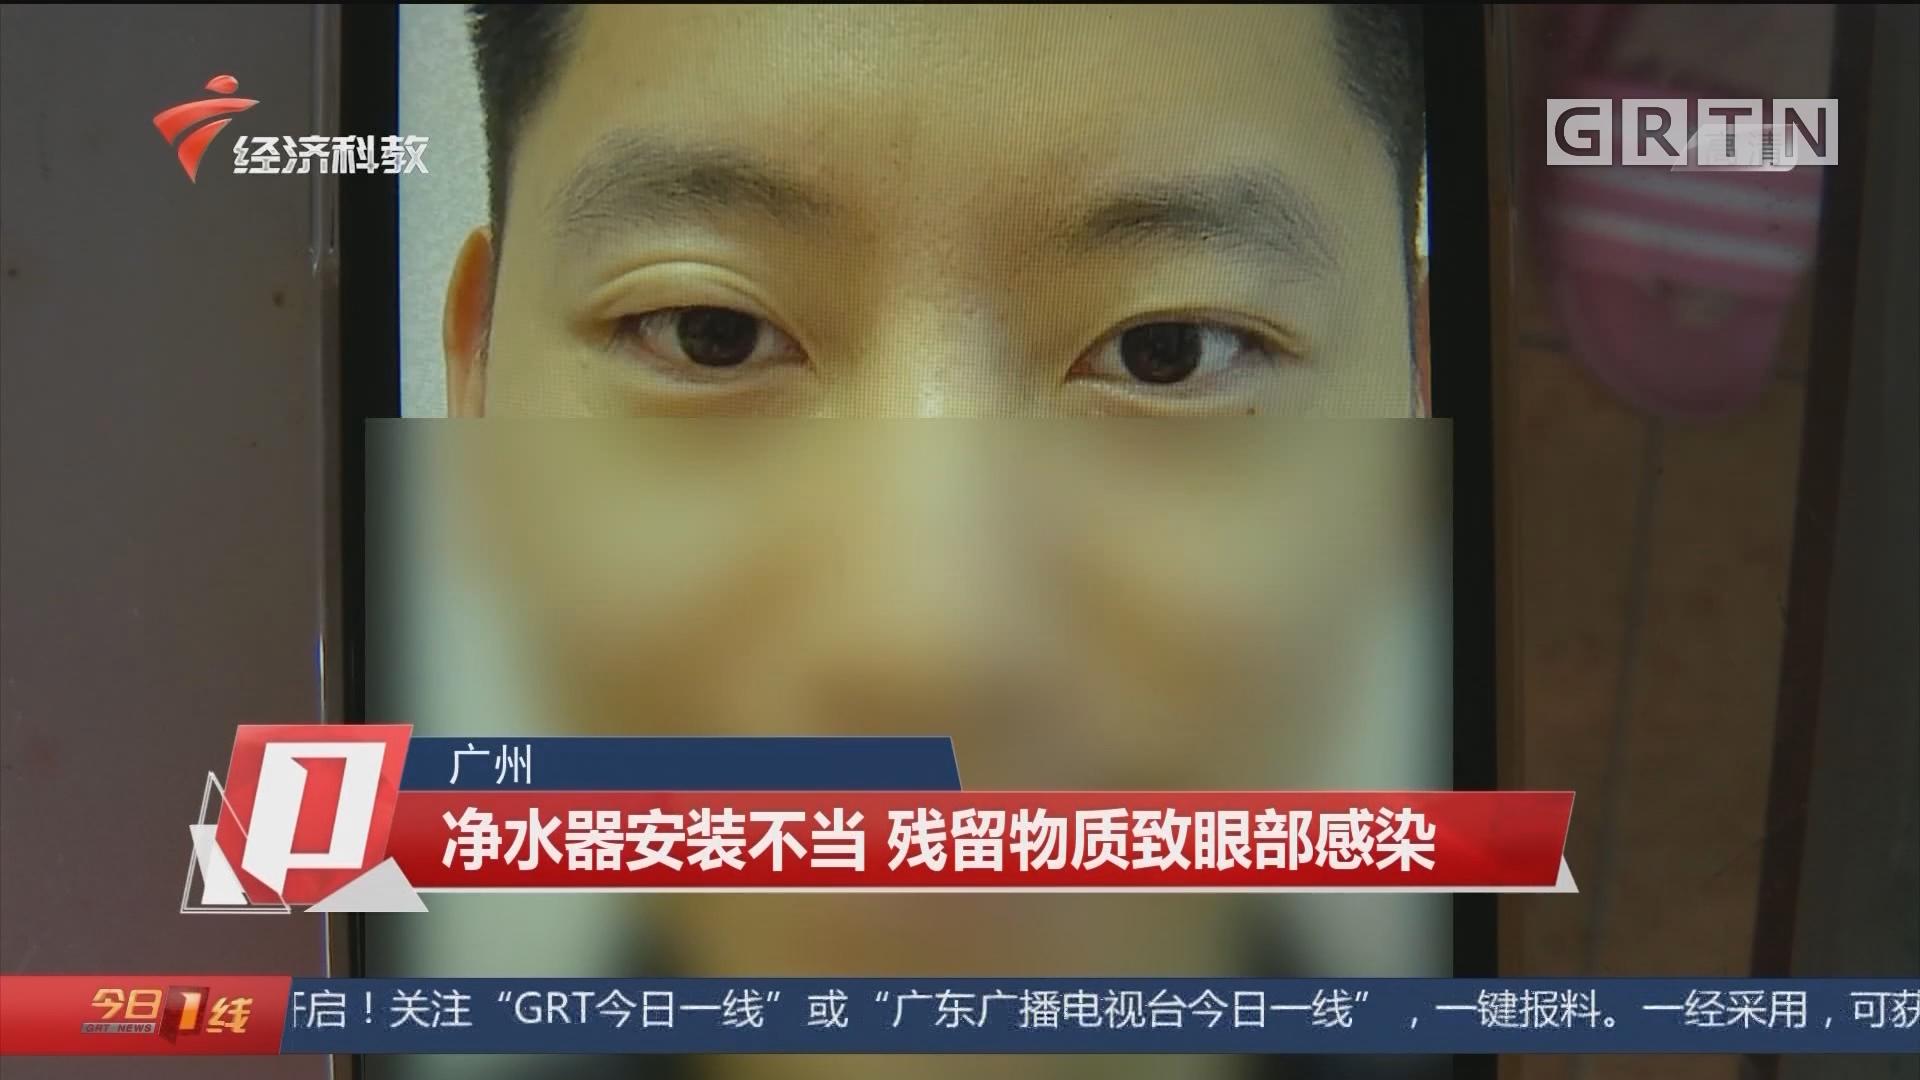 广州:净水器安装不当 残留物质致眼部感染